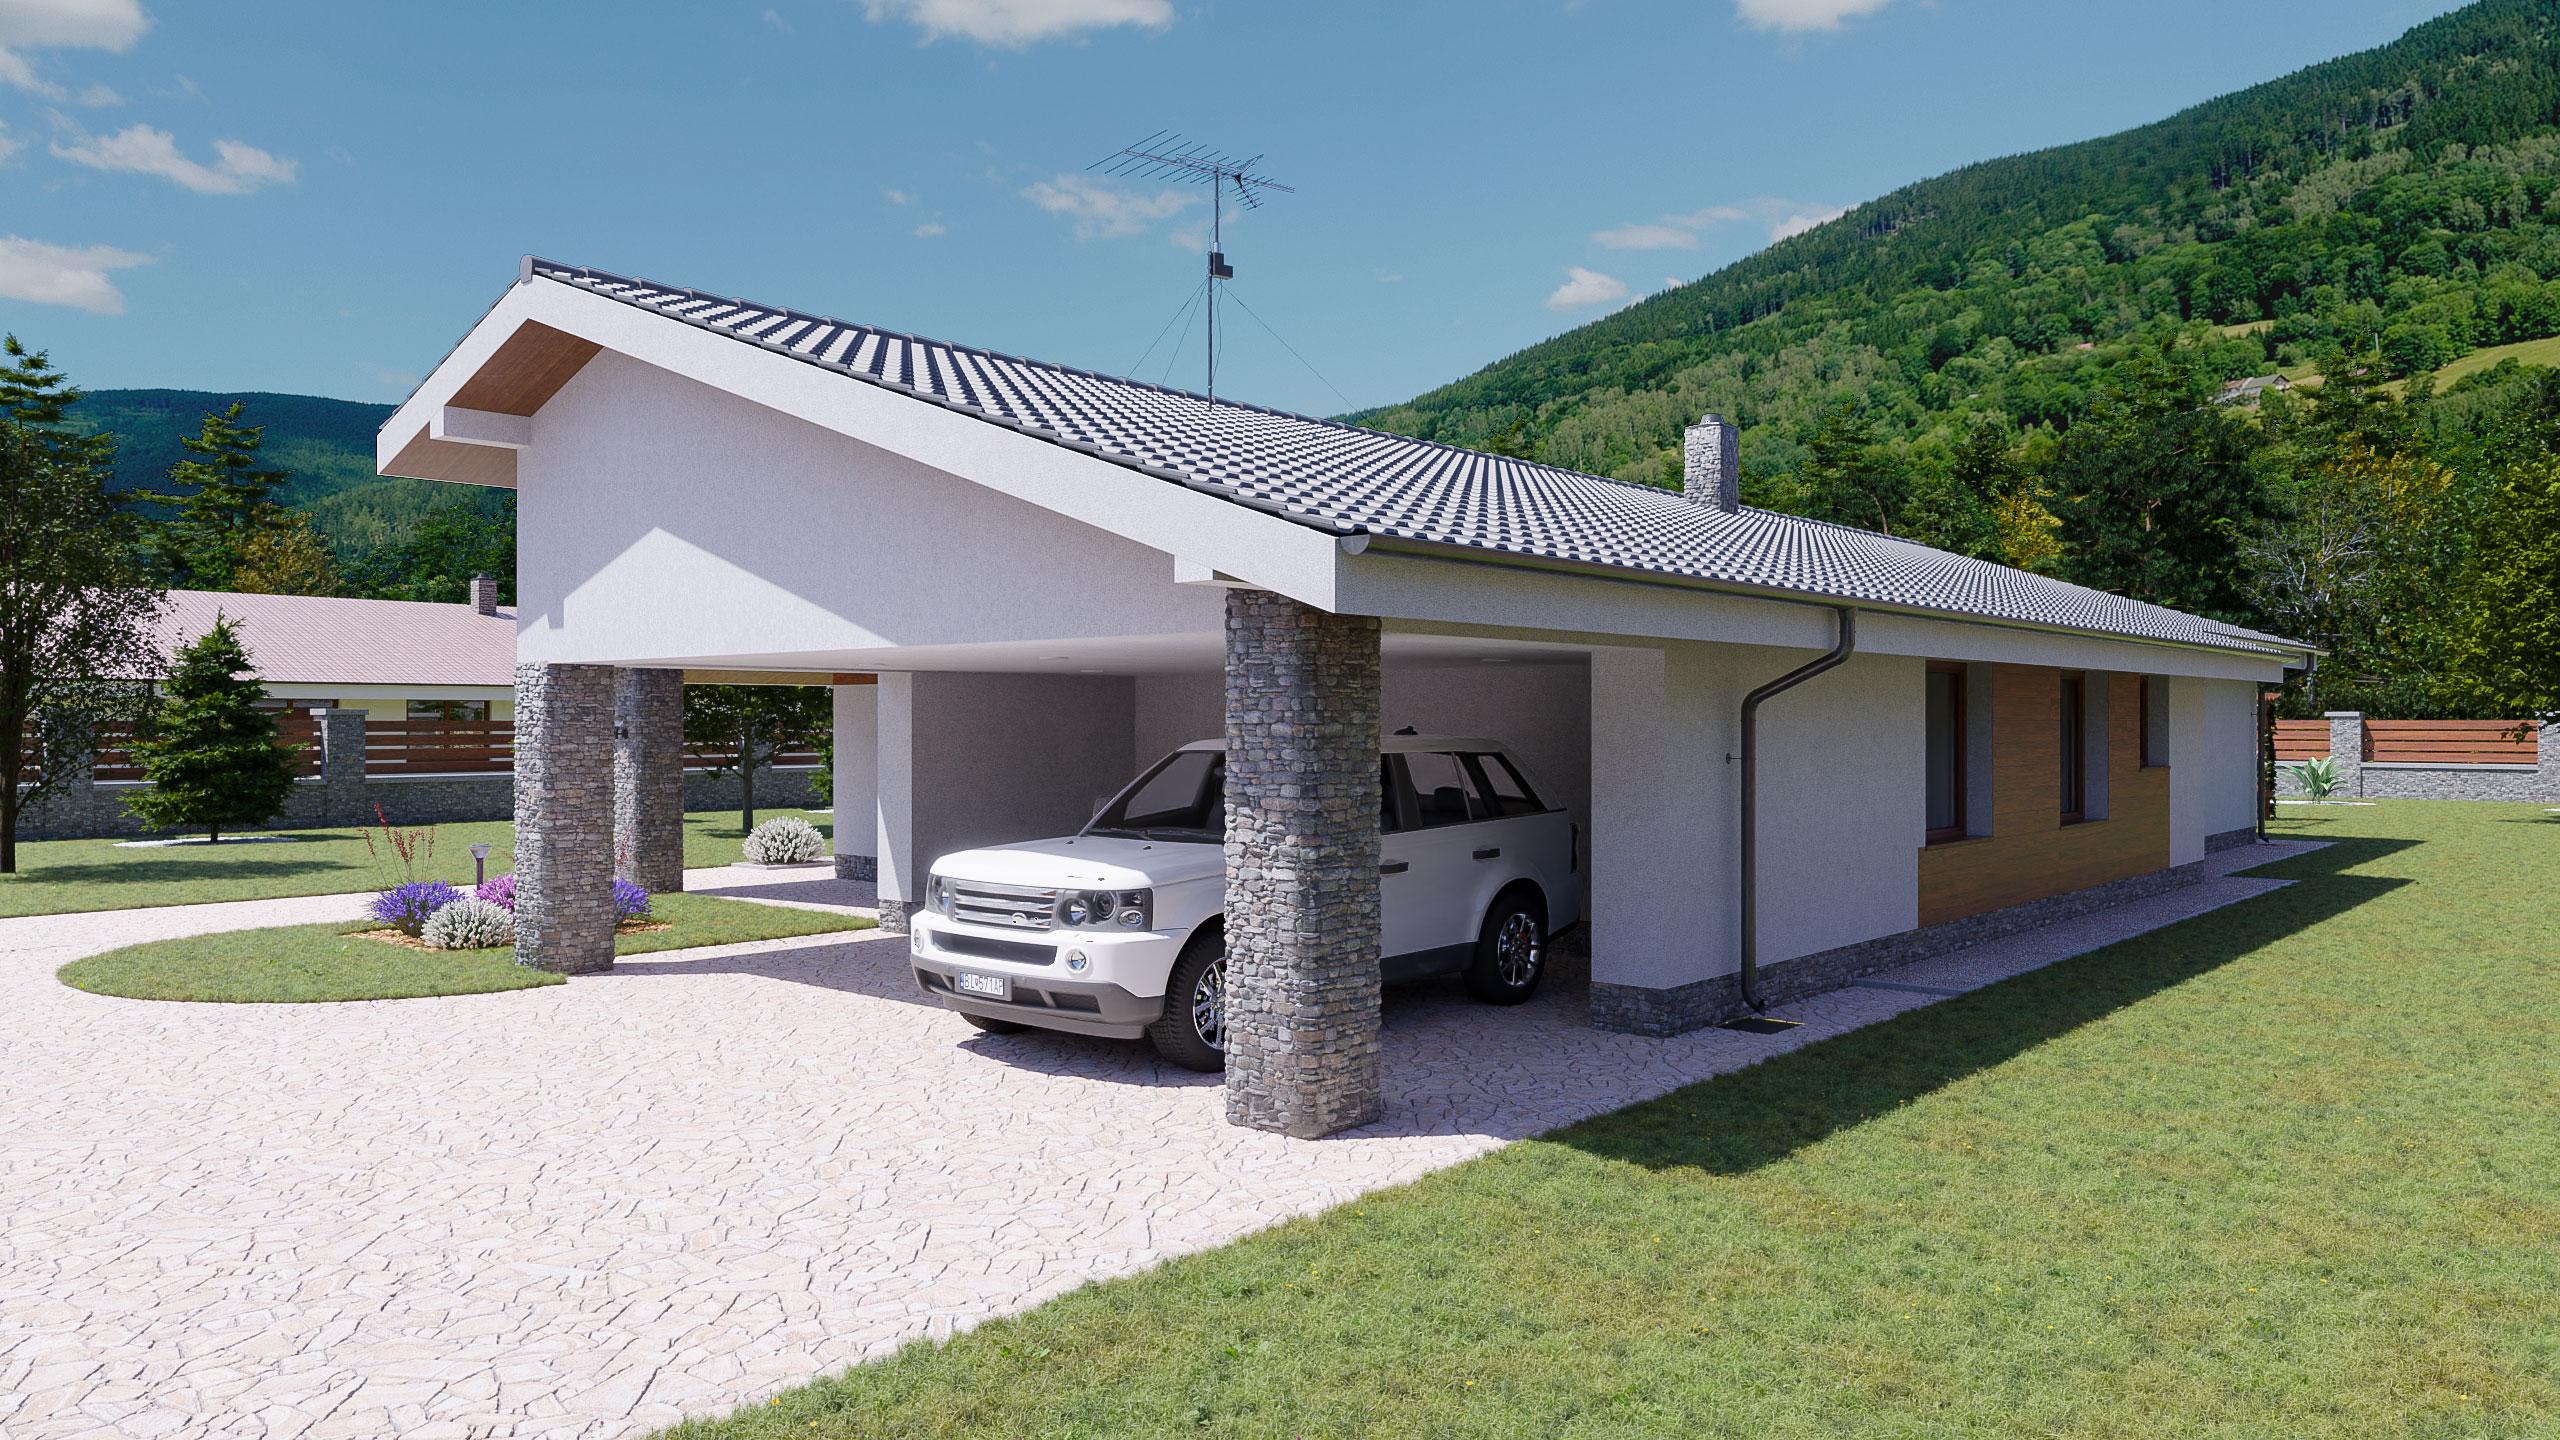 idea3d - vizualizácia rodinný dom 120m2 - deň 1